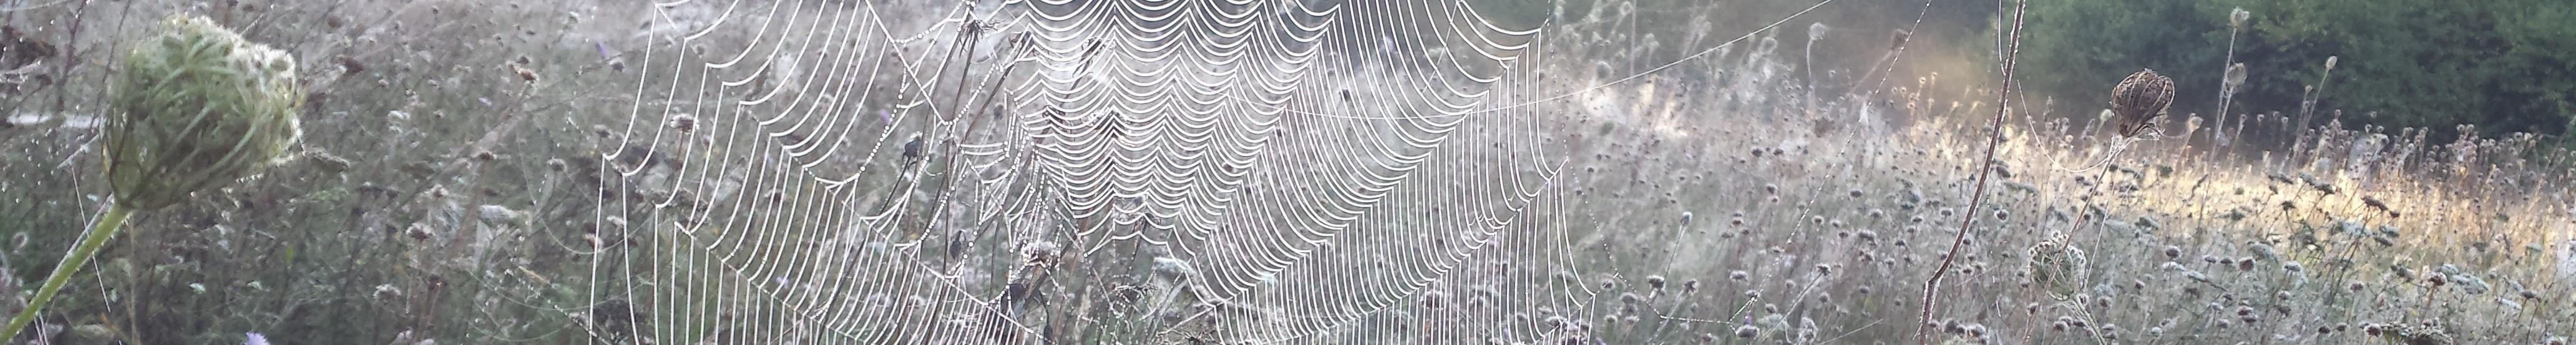 Spinnenweben im Morgentau